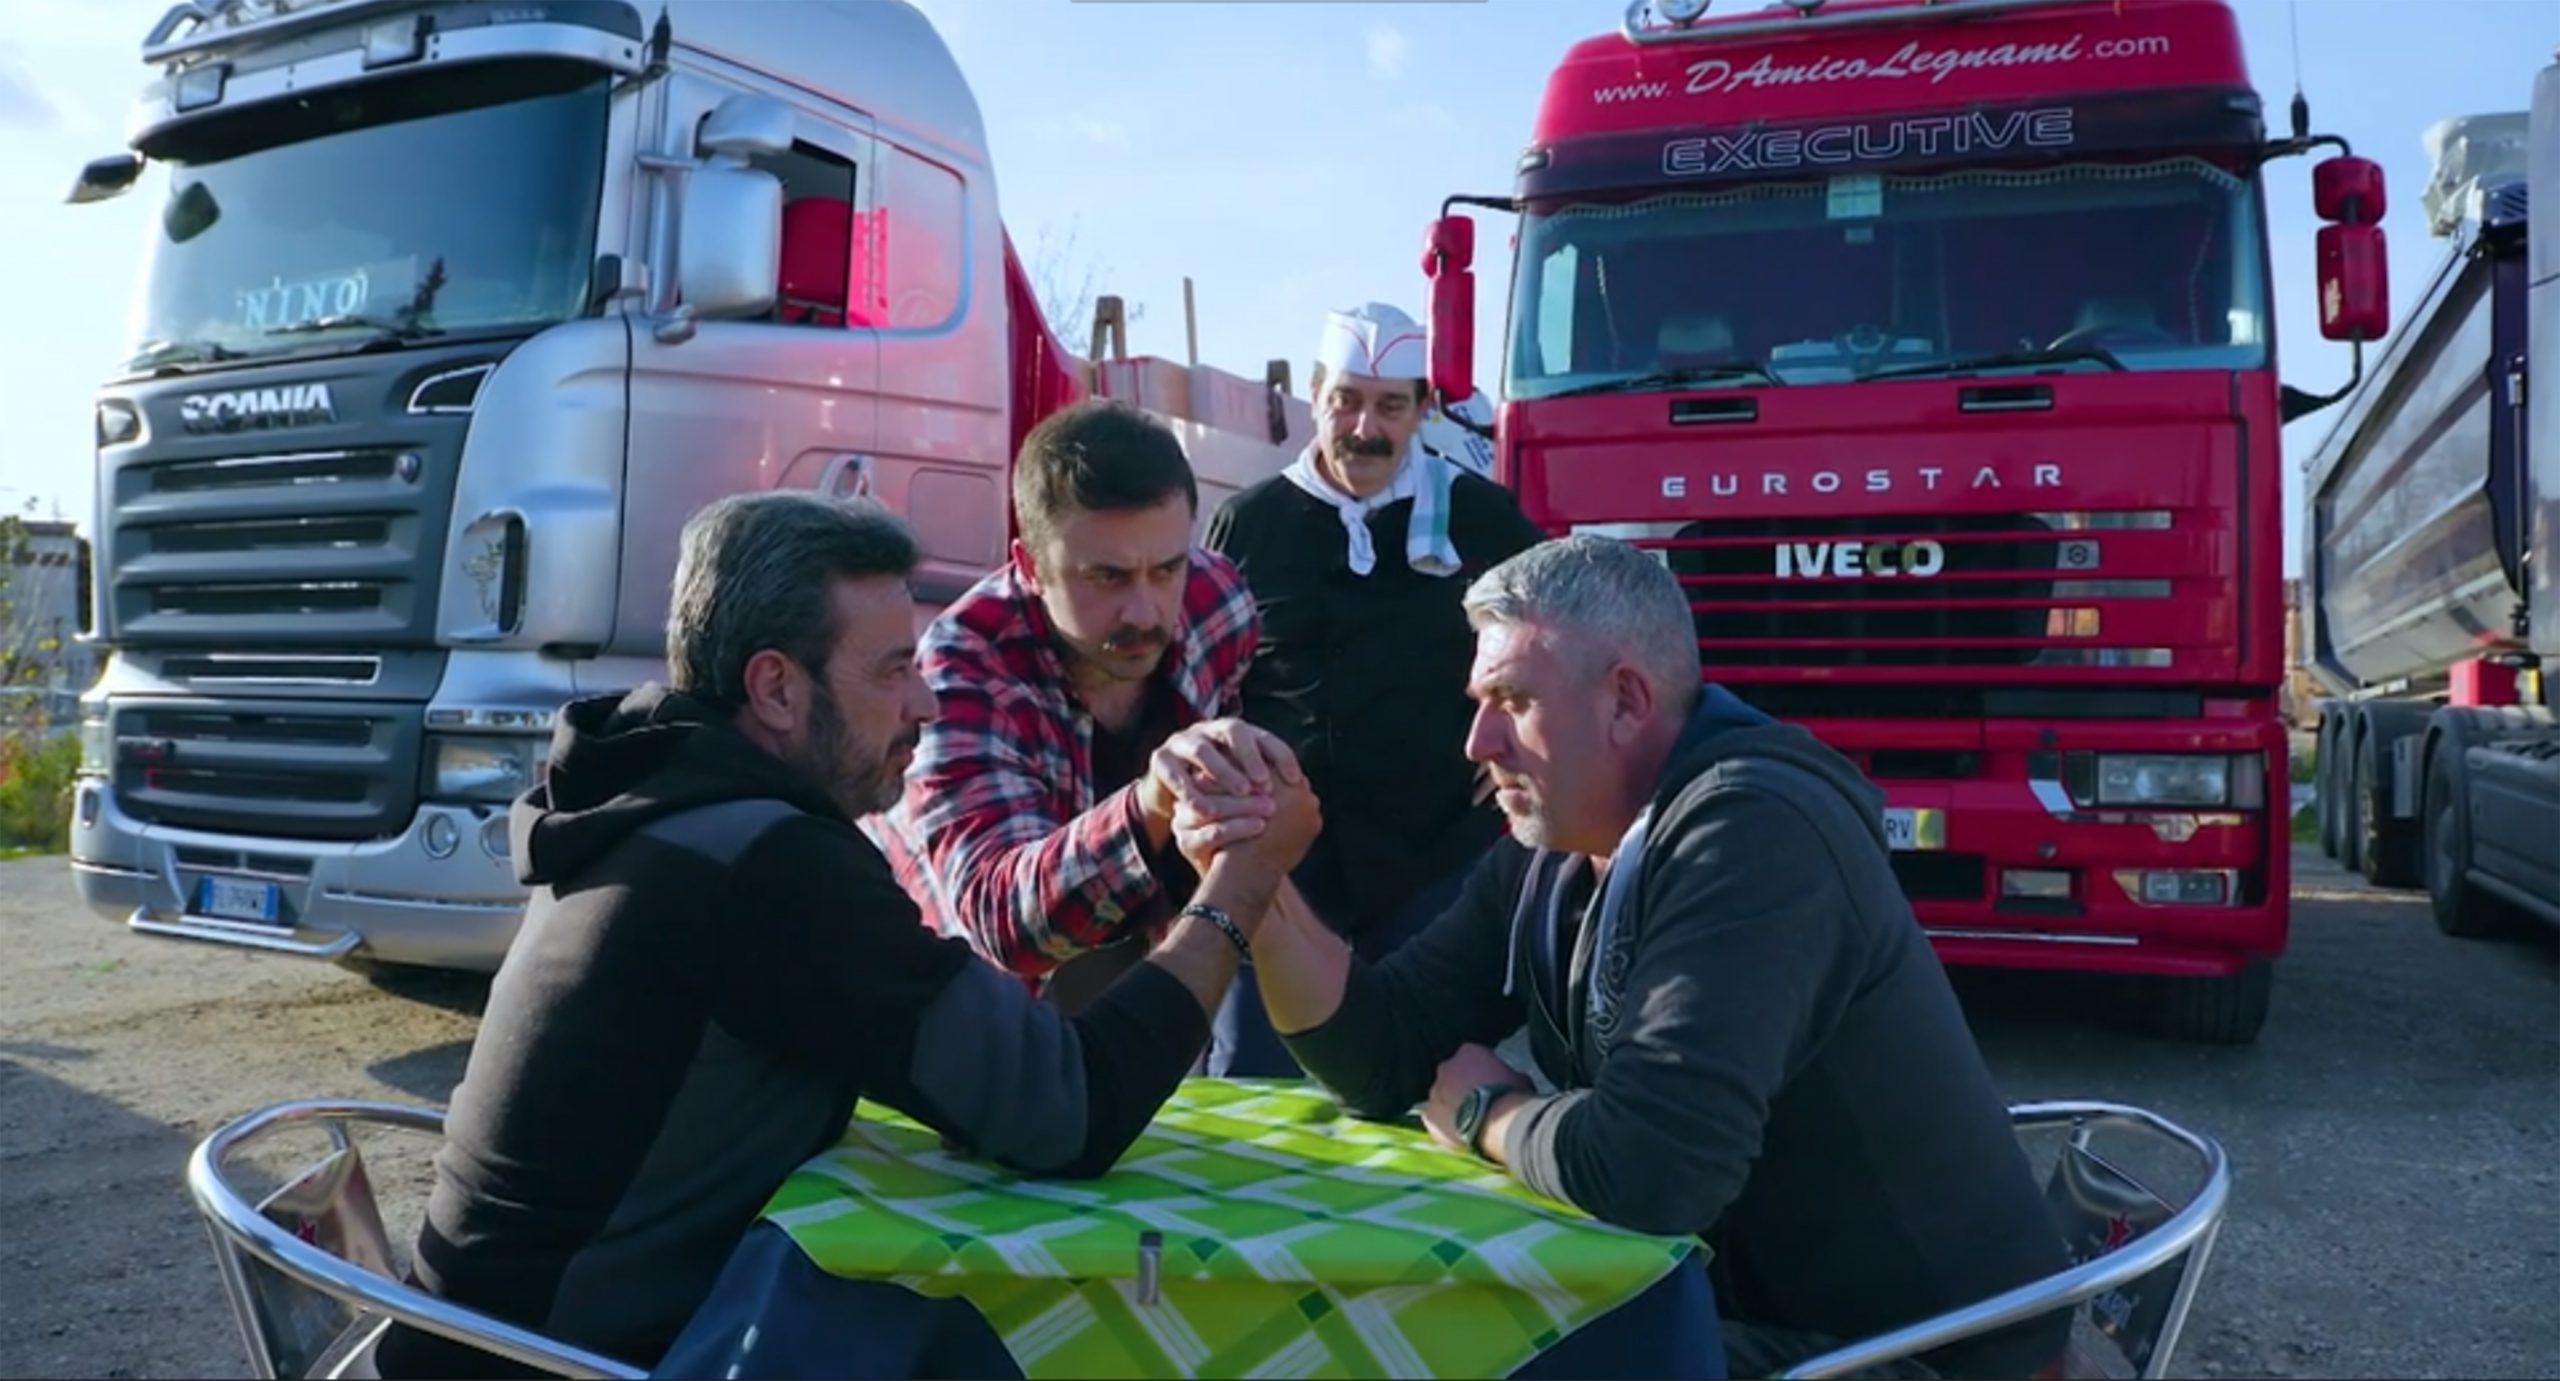 Camionisti brutti, sporchi e cattivi secondo media e Governo